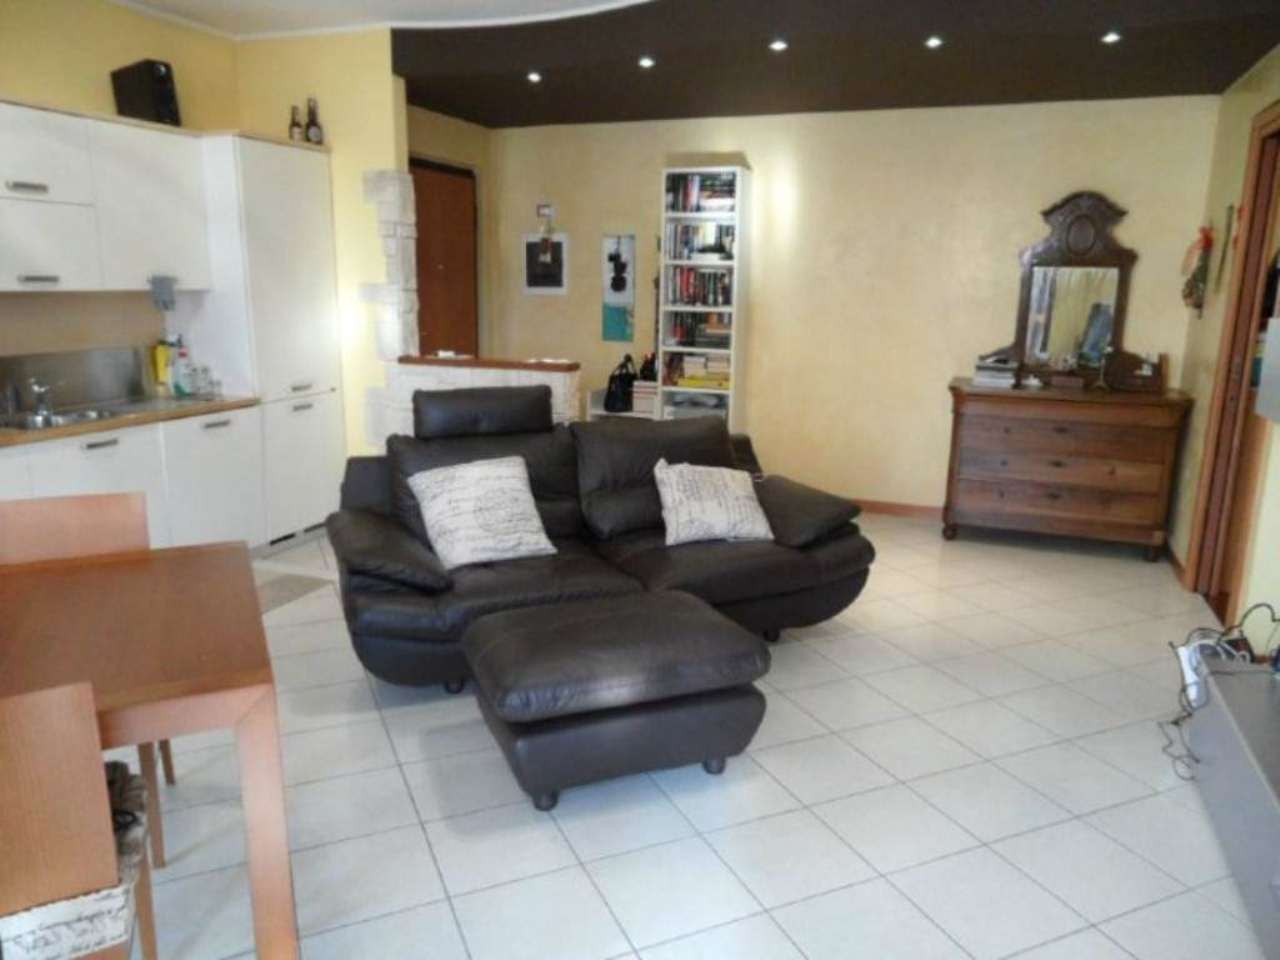 Appartamento in vendita a Seriate, 2 locali, prezzo € 120.000 | Cambio Casa.it